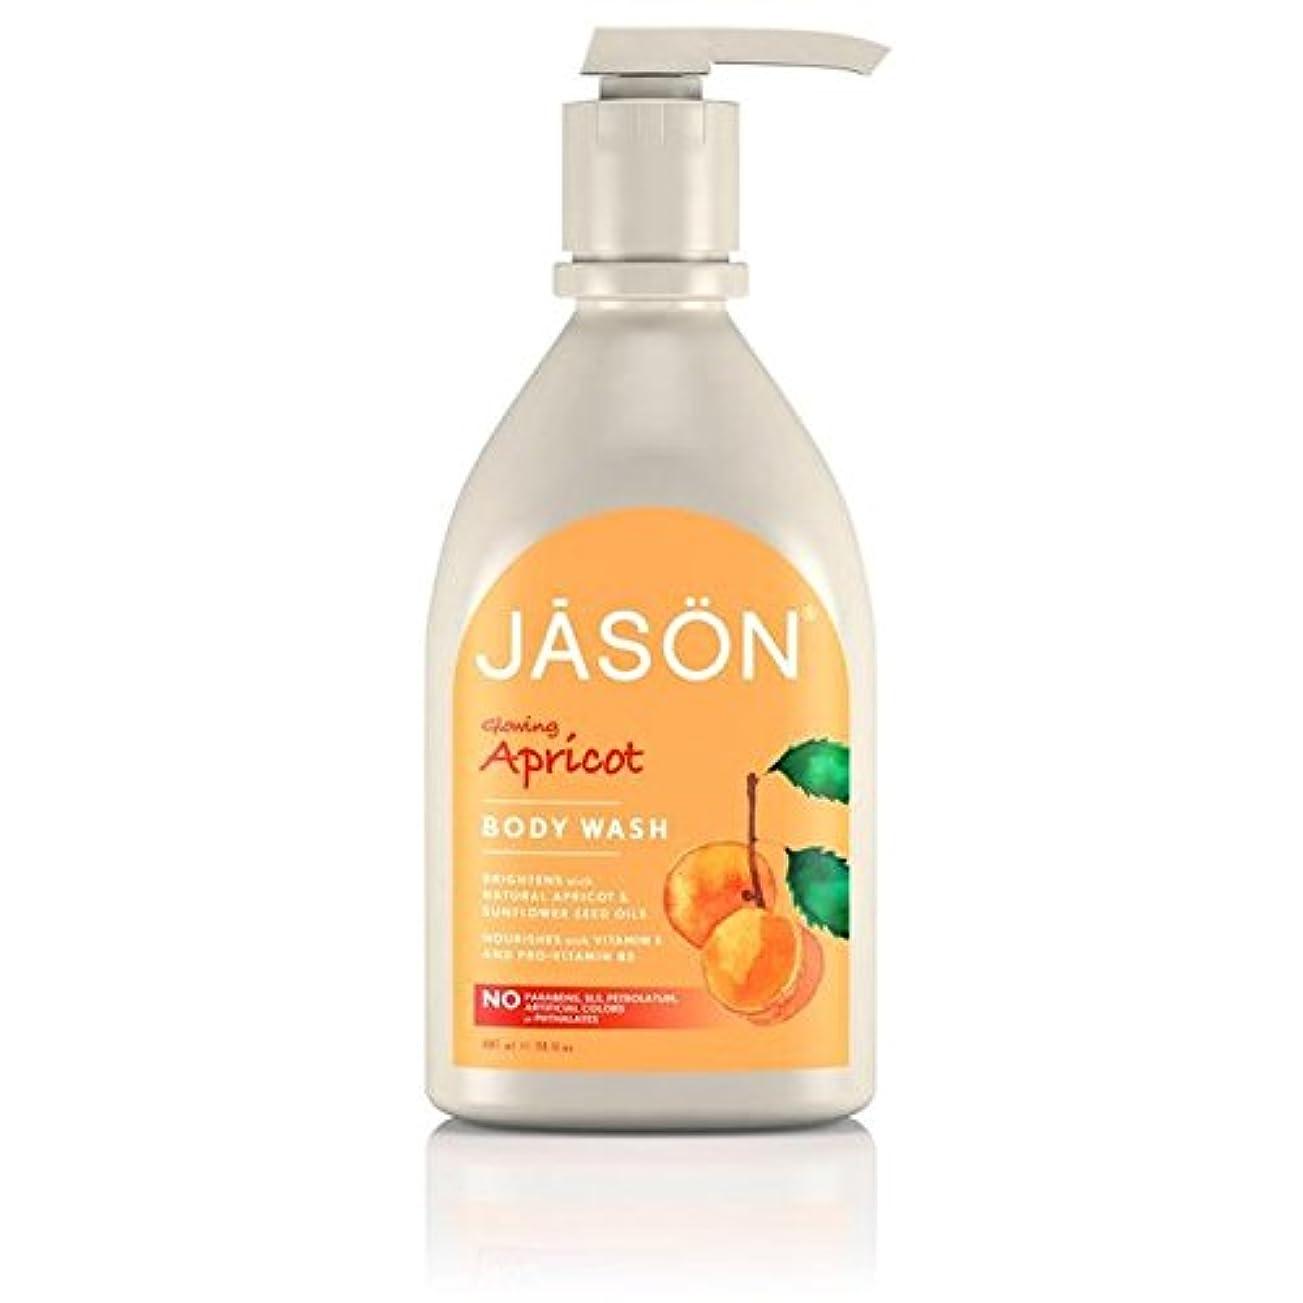 野な振動させる橋脚Jason Apricot Satin Body Wash Pump 900ml (Pack of 6) - ジェイソン?アプリコットサテンボディウォッシュポンプ900ミリリットル x6 [並行輸入品]